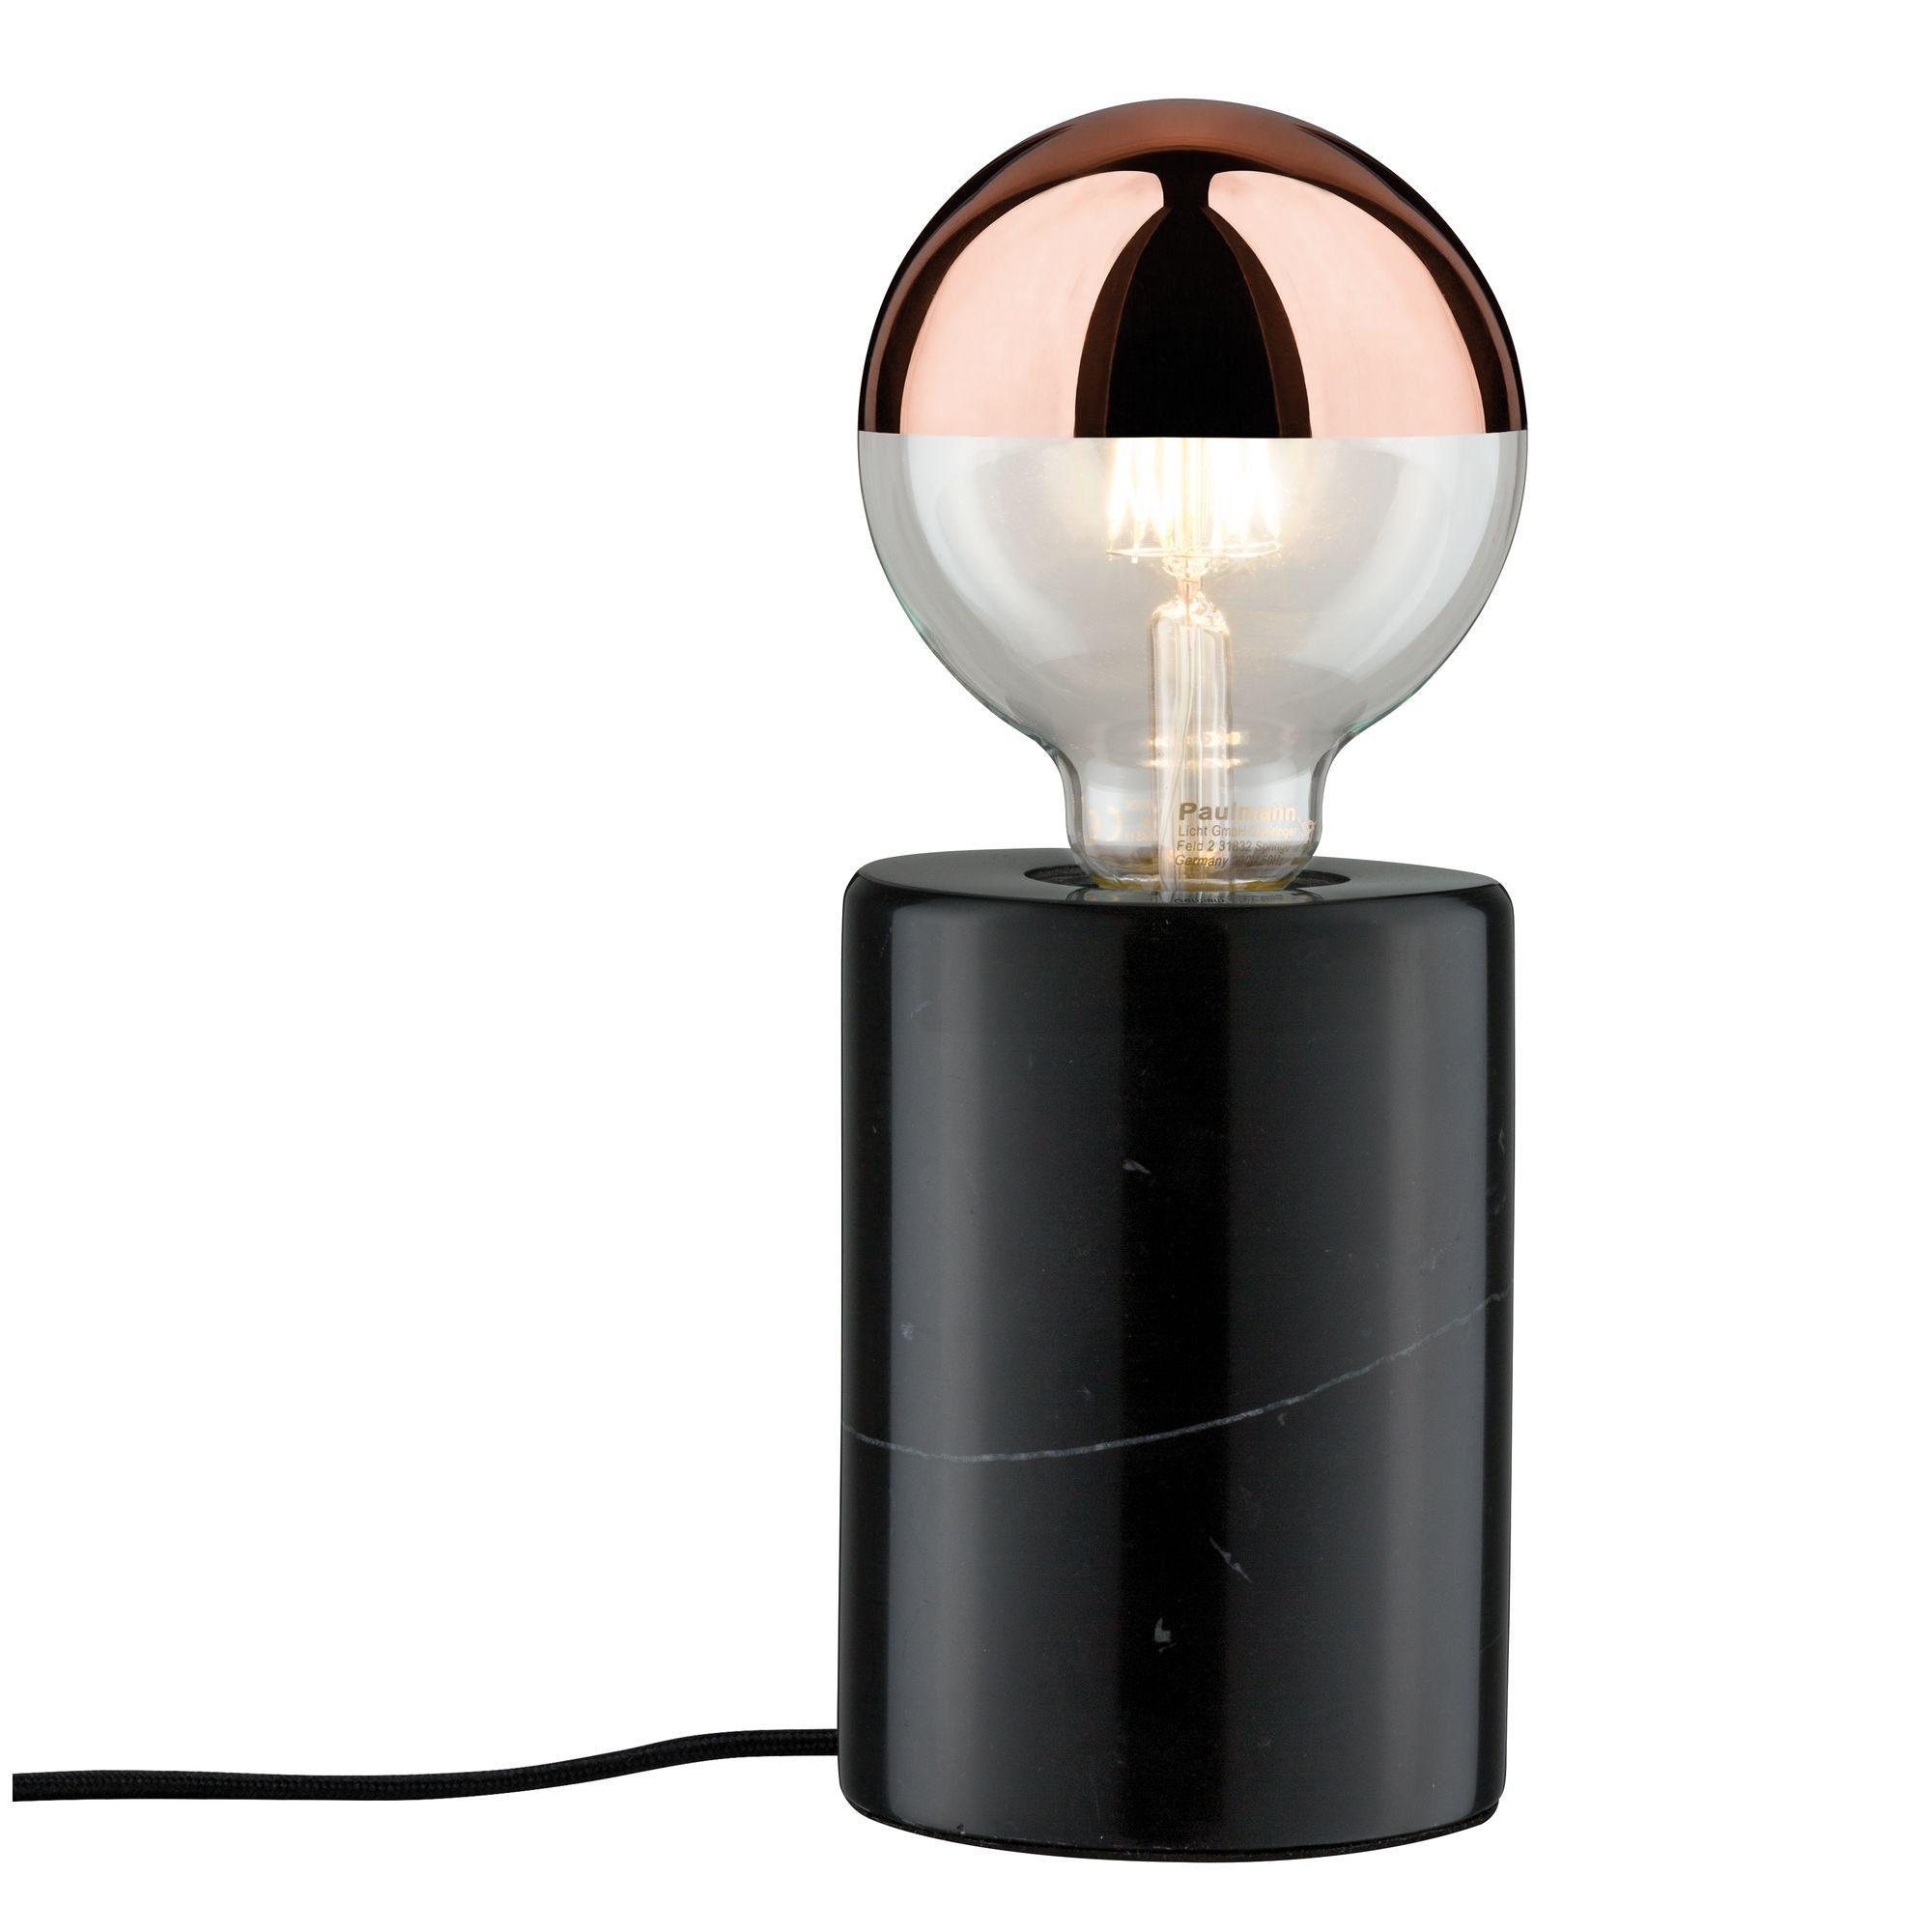 Paulmann LED Tischleuchte Neordic Nordin Schwarz/Marmor, E27, 1 St.